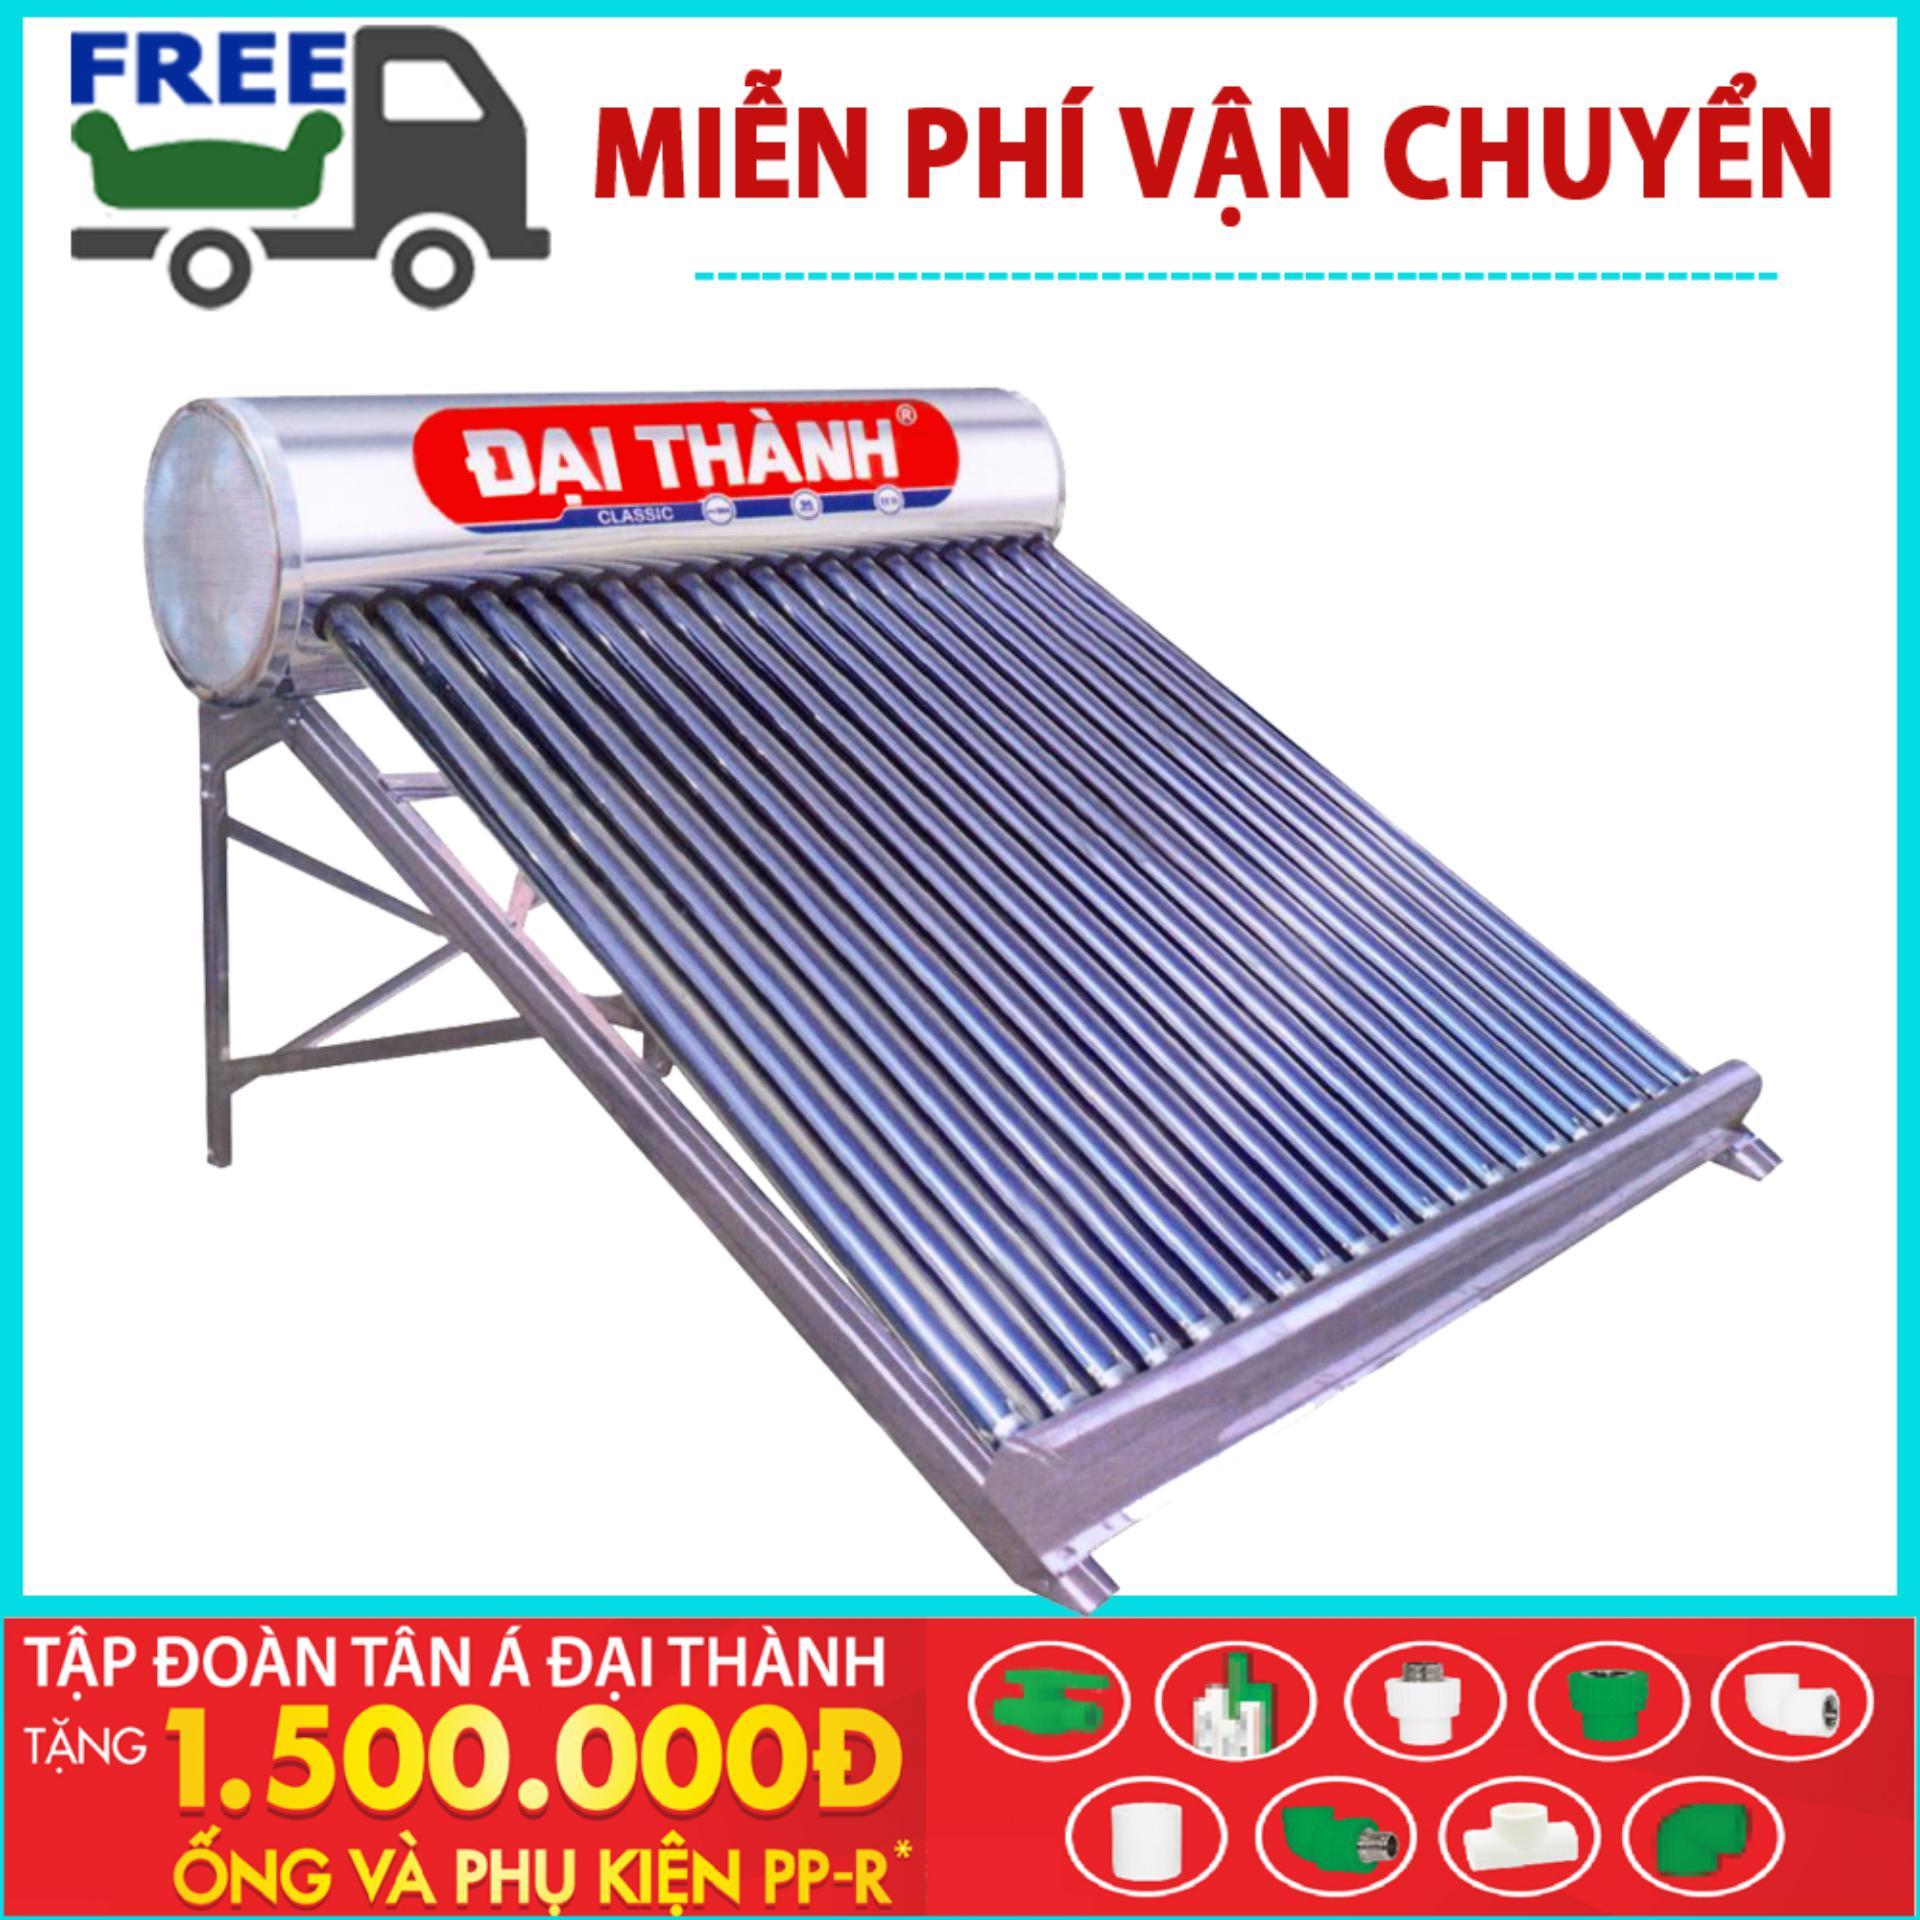 Hình ảnh Máy nước nóng năng lượng mặt trời Đại Thành ĐT 160L 58-15